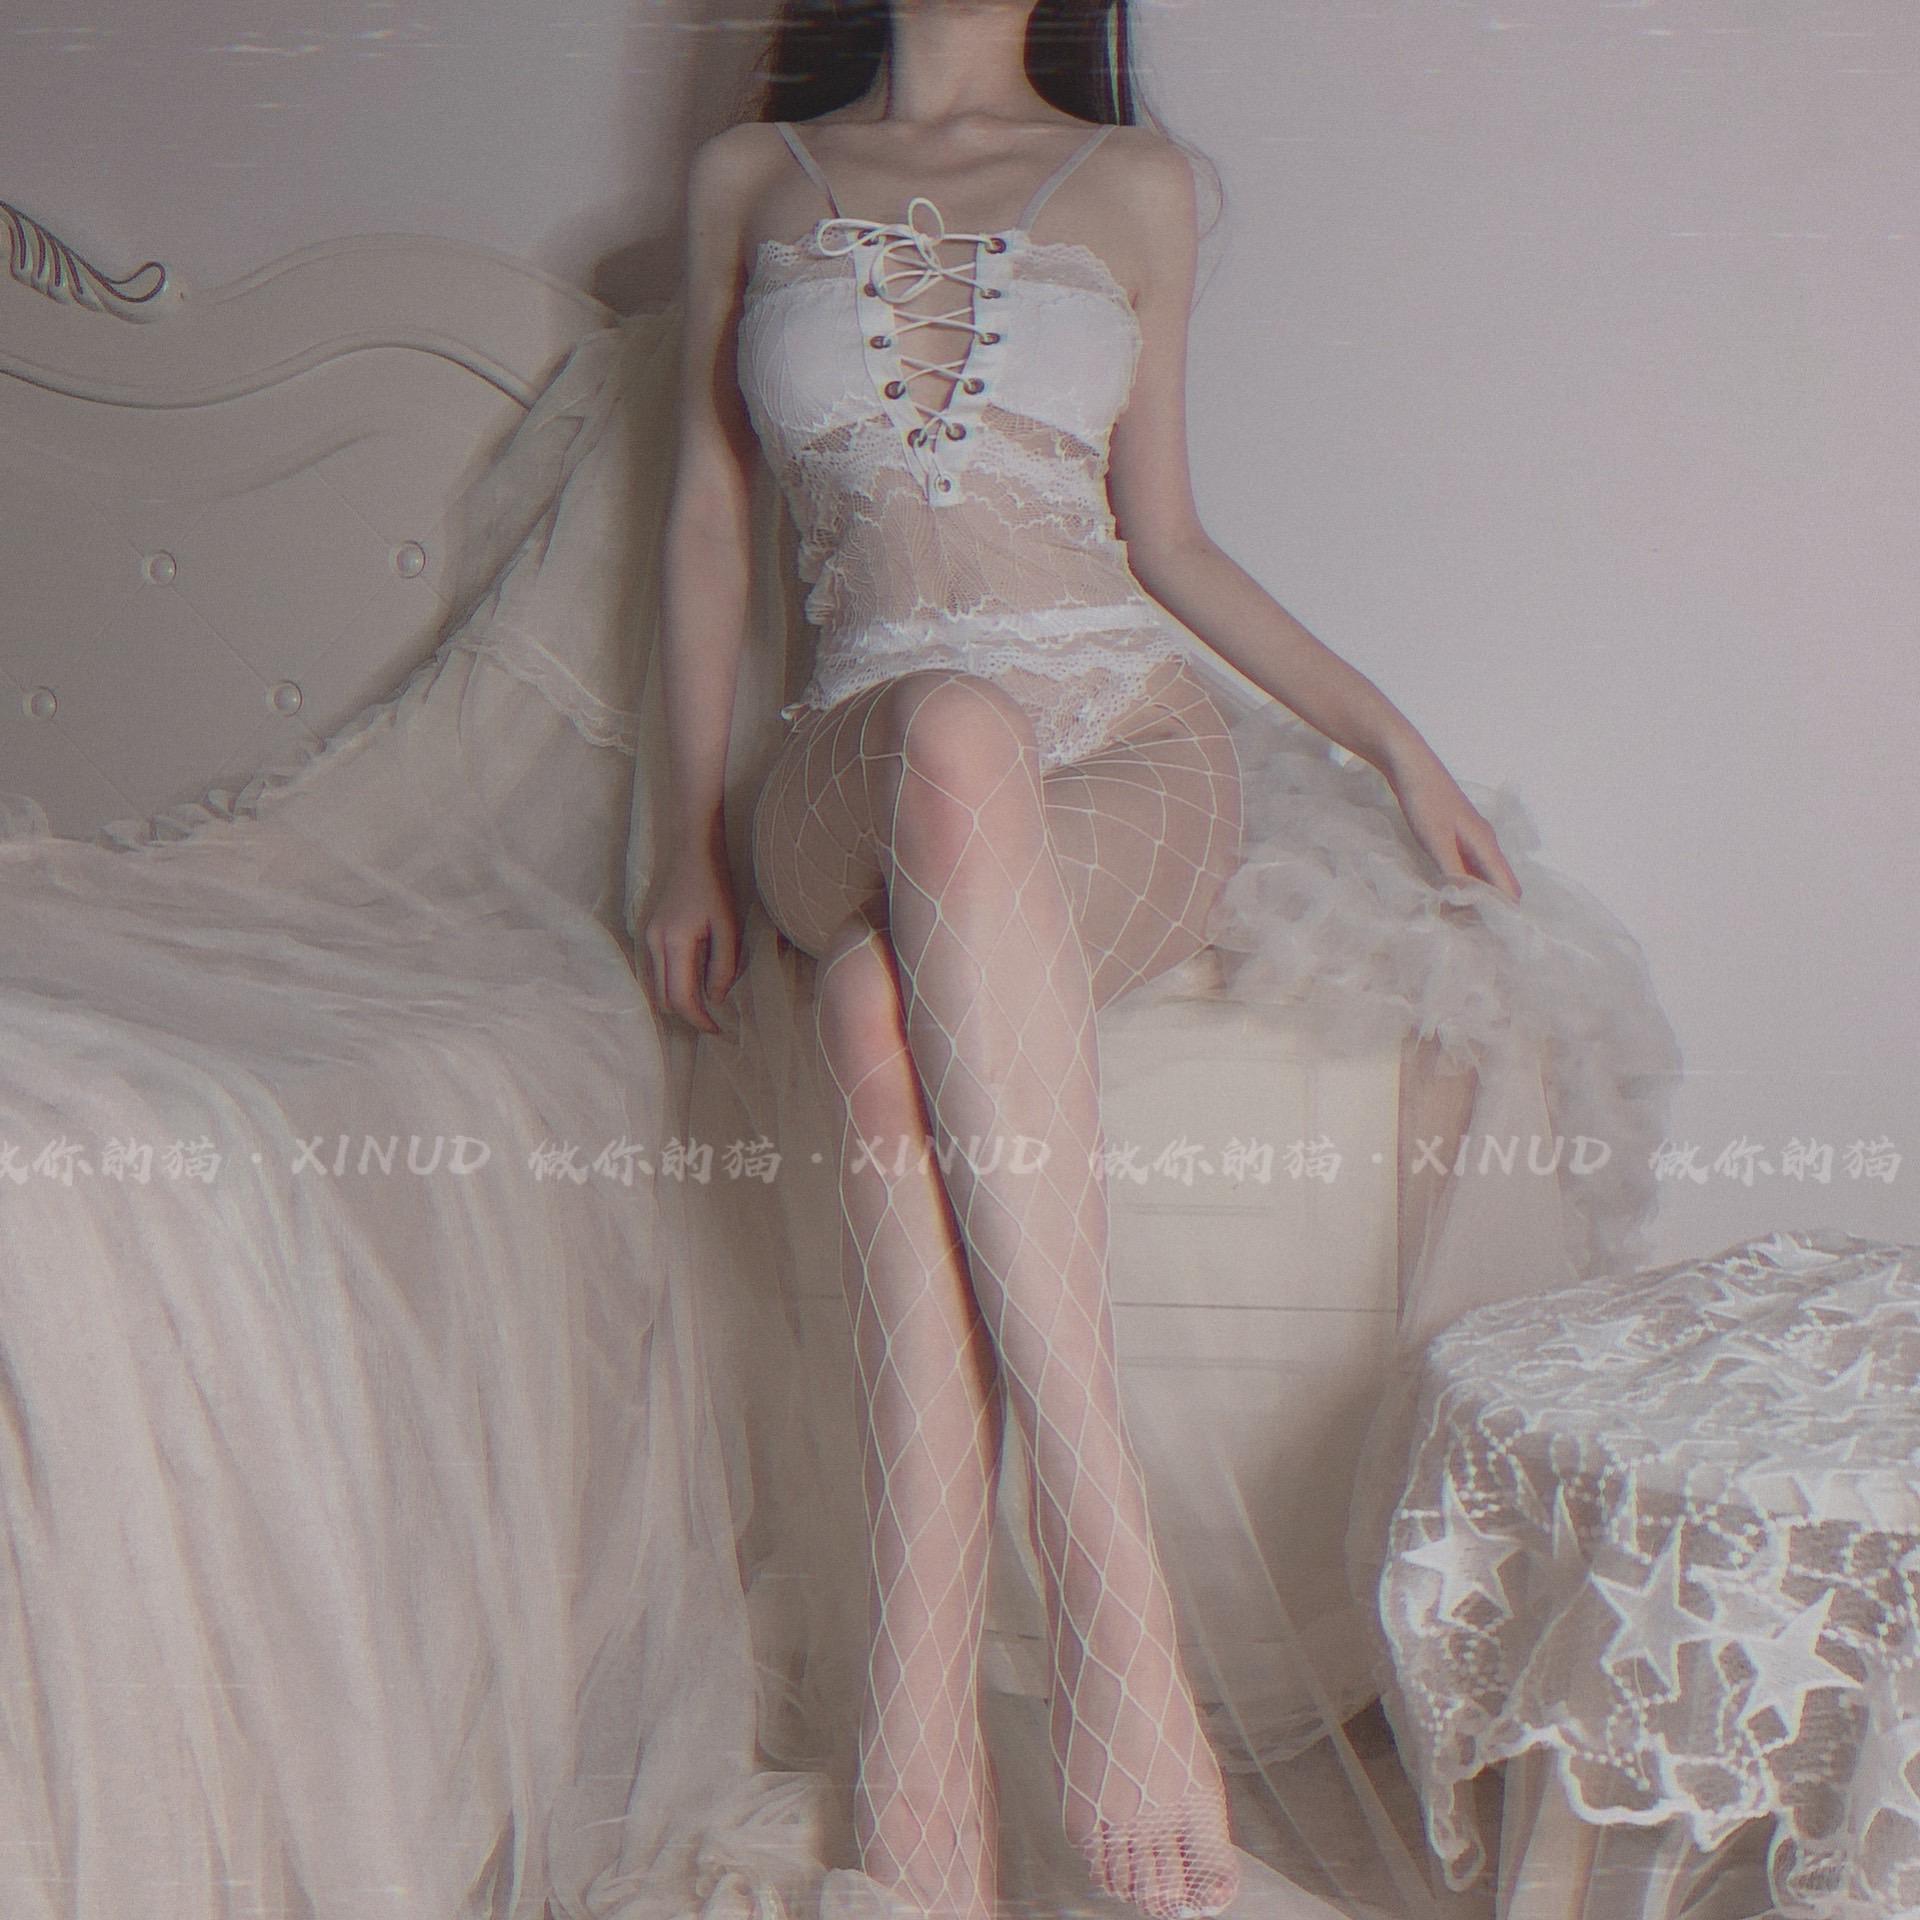 做你的猫:含网袜)欧美性感蕾丝绑带连体网袜情趣透视激情内衣女